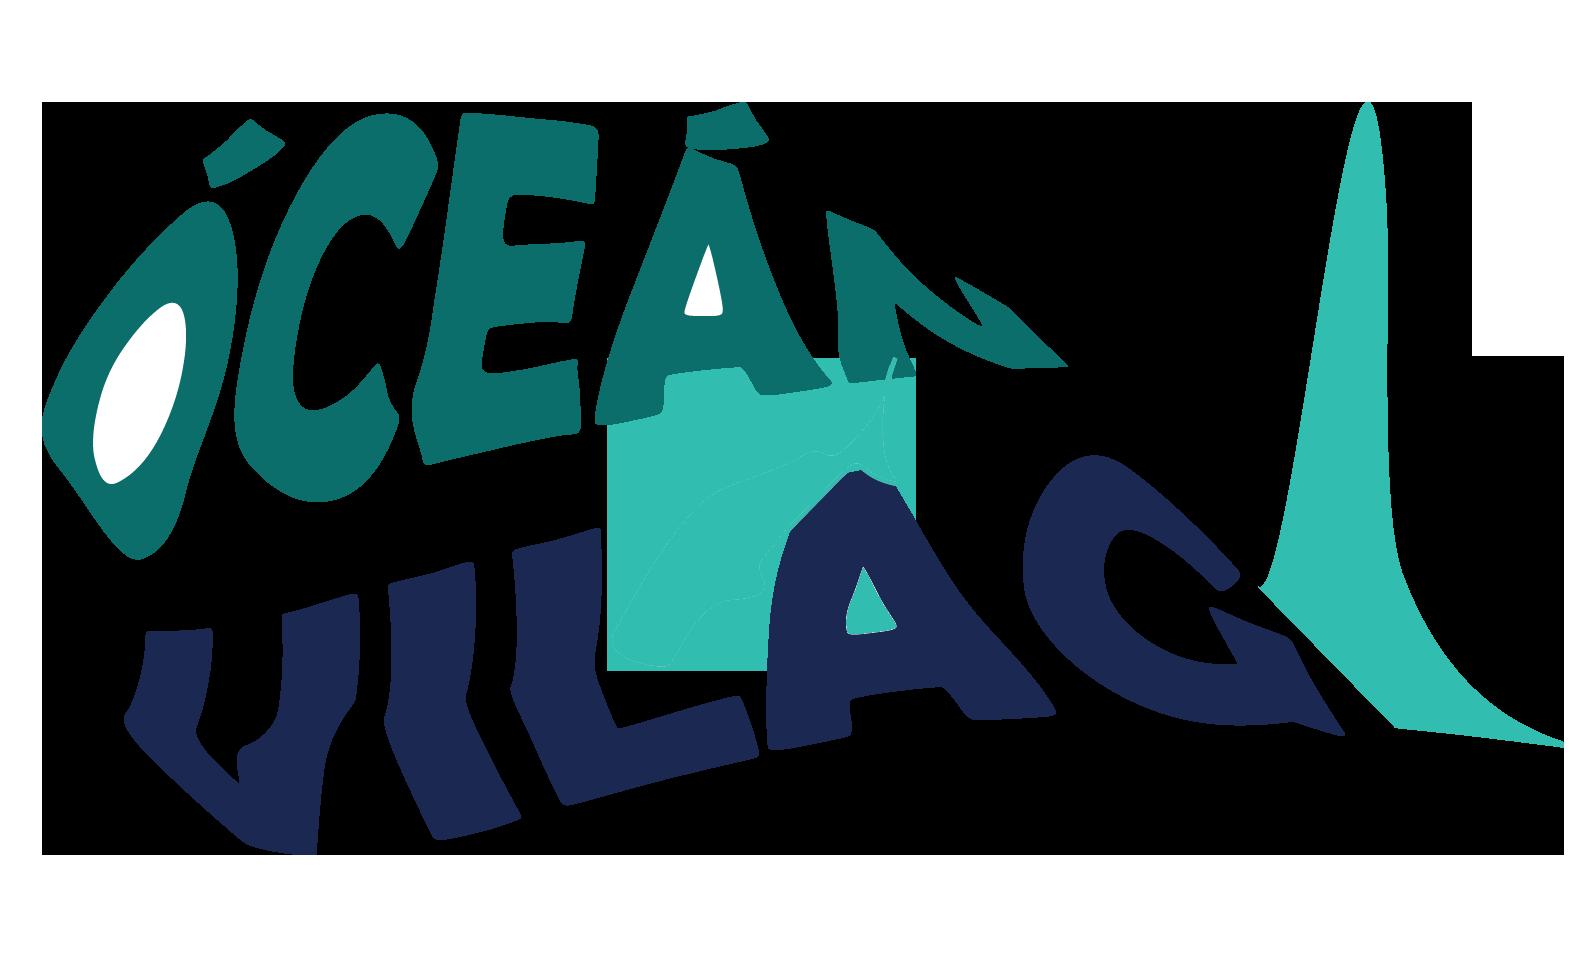 Óceán világ alternatíva